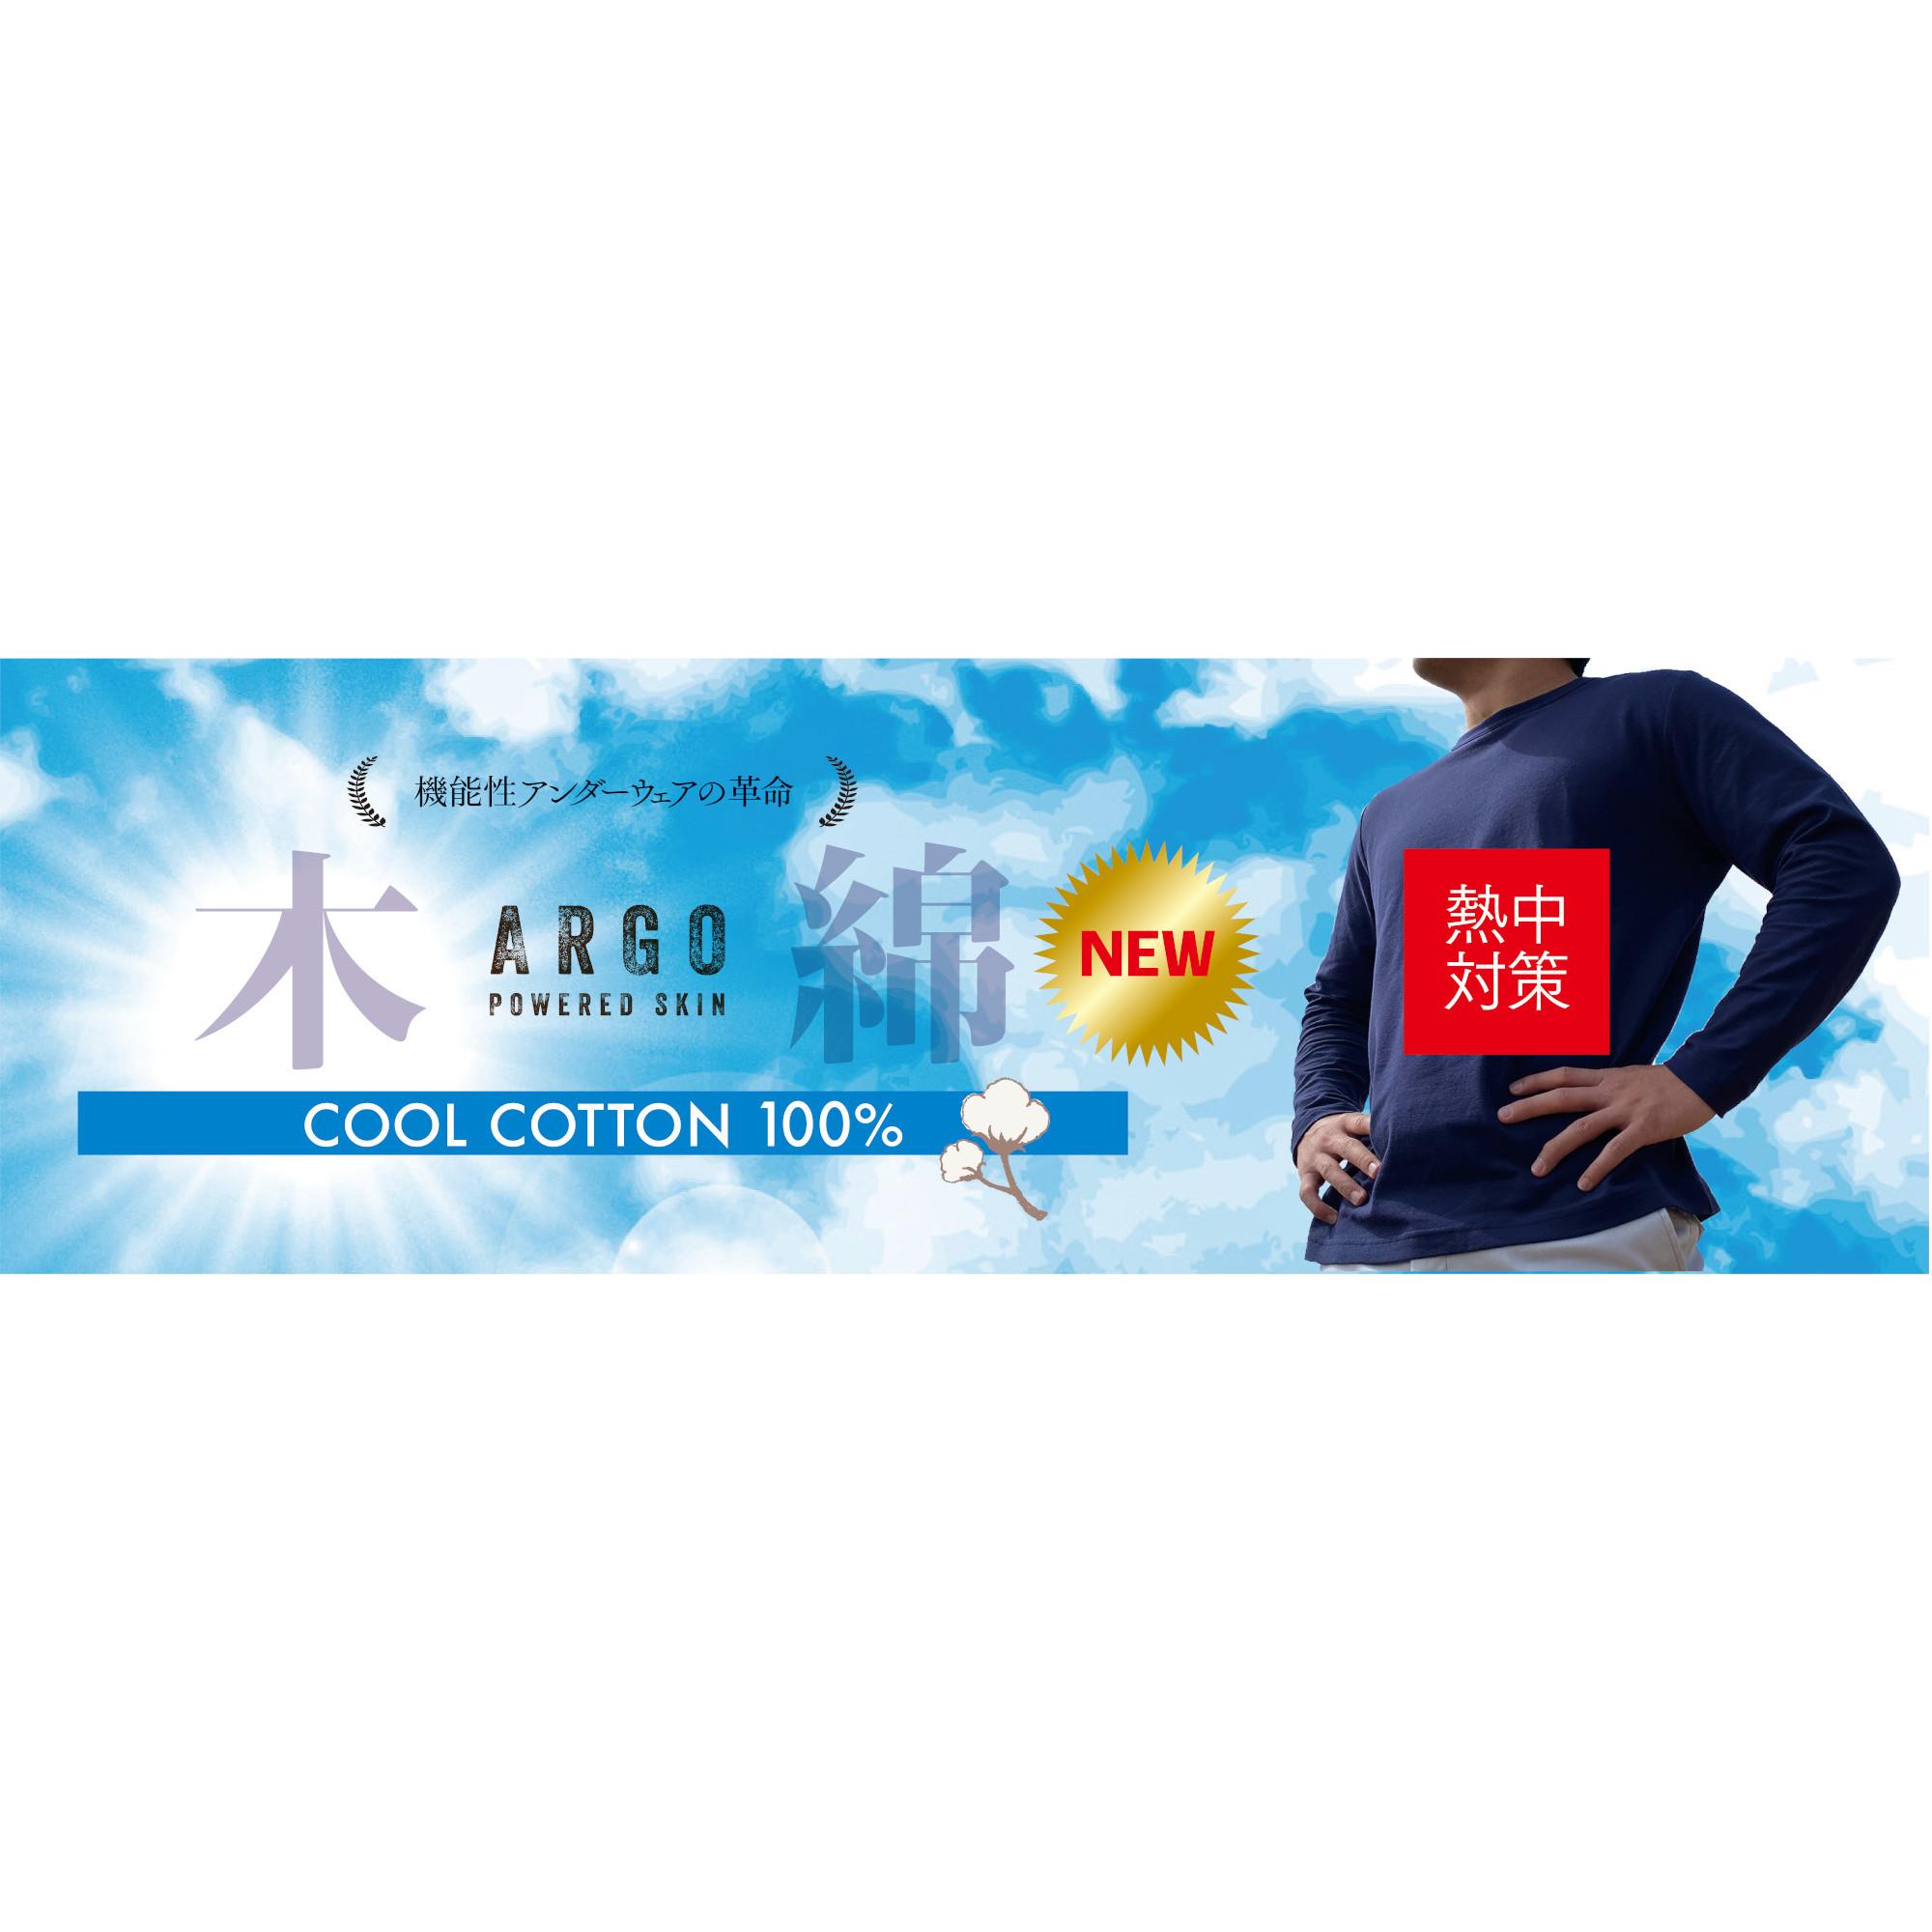 機能性アンダーウェア『ARGO(アルゴ) 木綿 COOL』新登場。